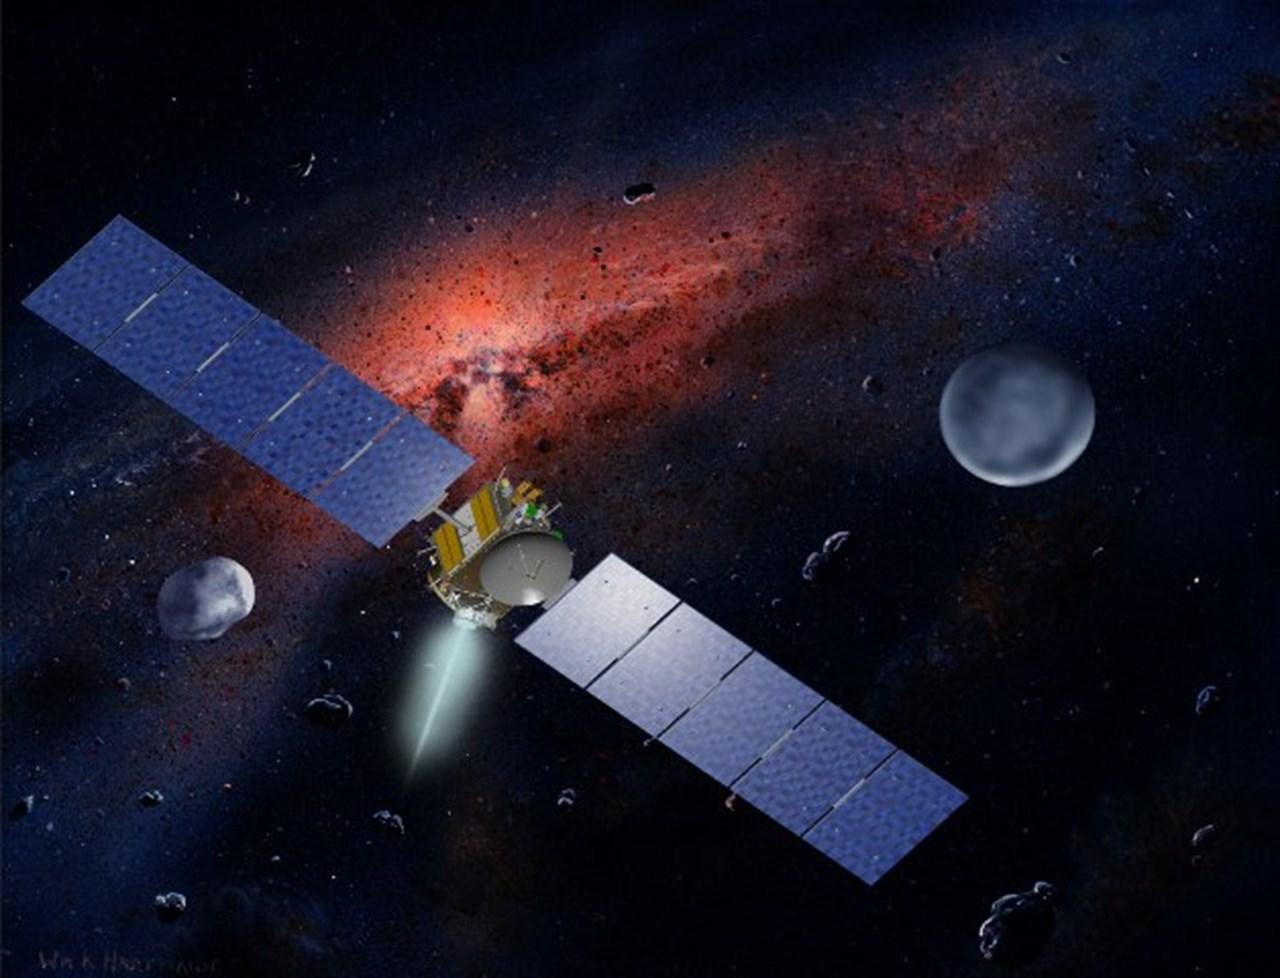 NASA probe OSIRIS-REx to reach asteroid Bennu on Dec 3